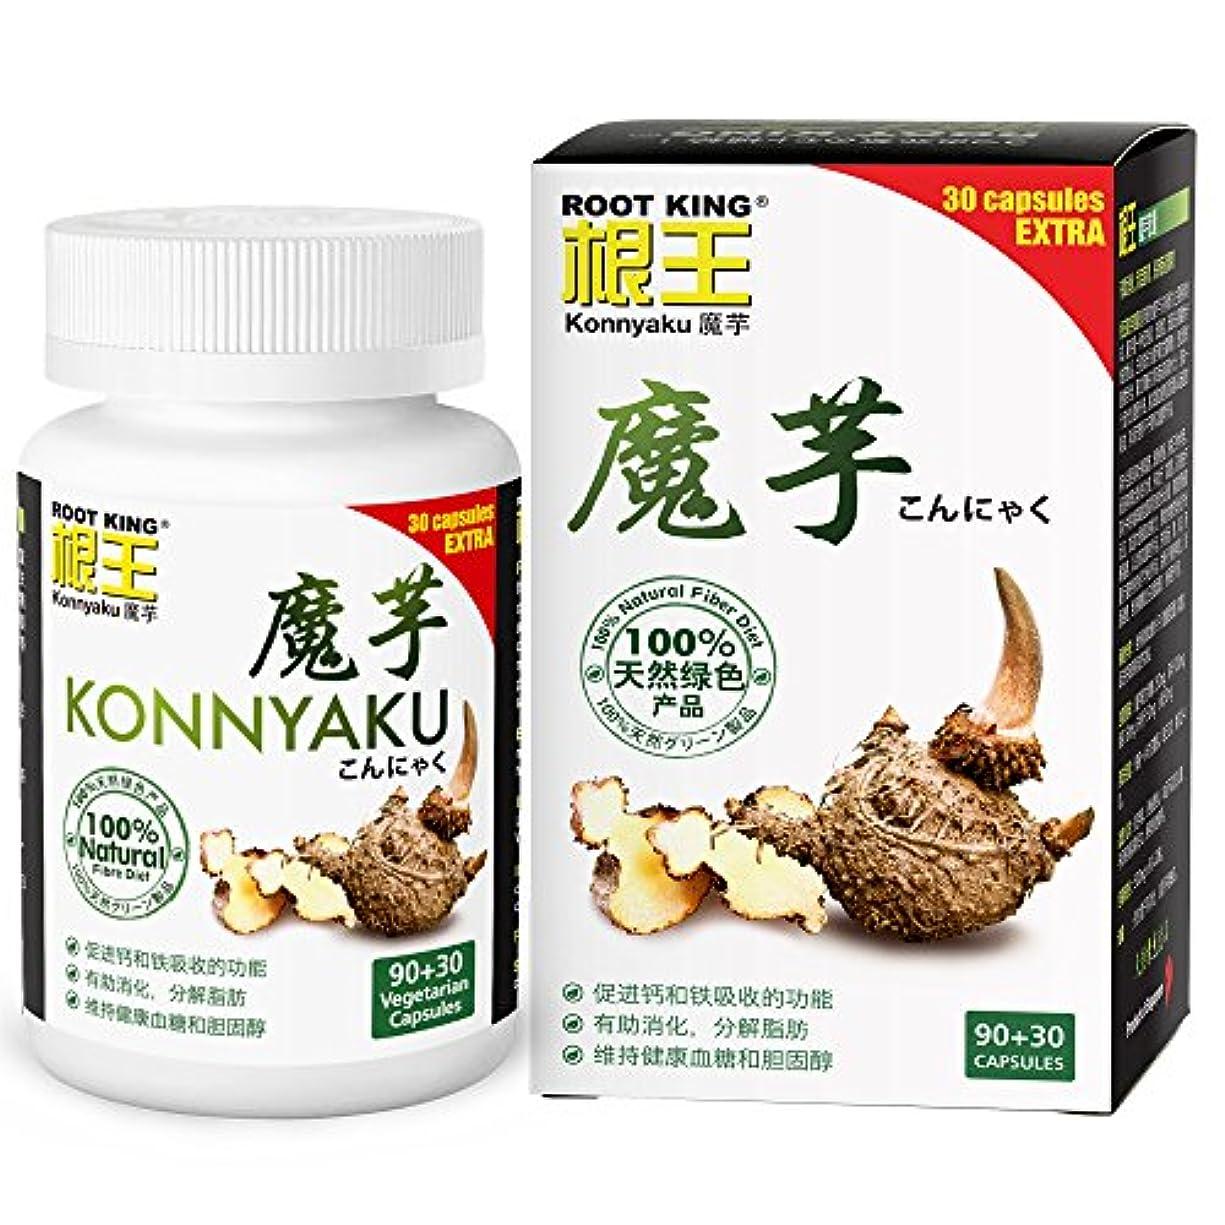 警官ペンダント第二ROOT KING Konnyaku (120 Vegecaps) - control appetitide, feel fuller, contains Konjac glucomannan